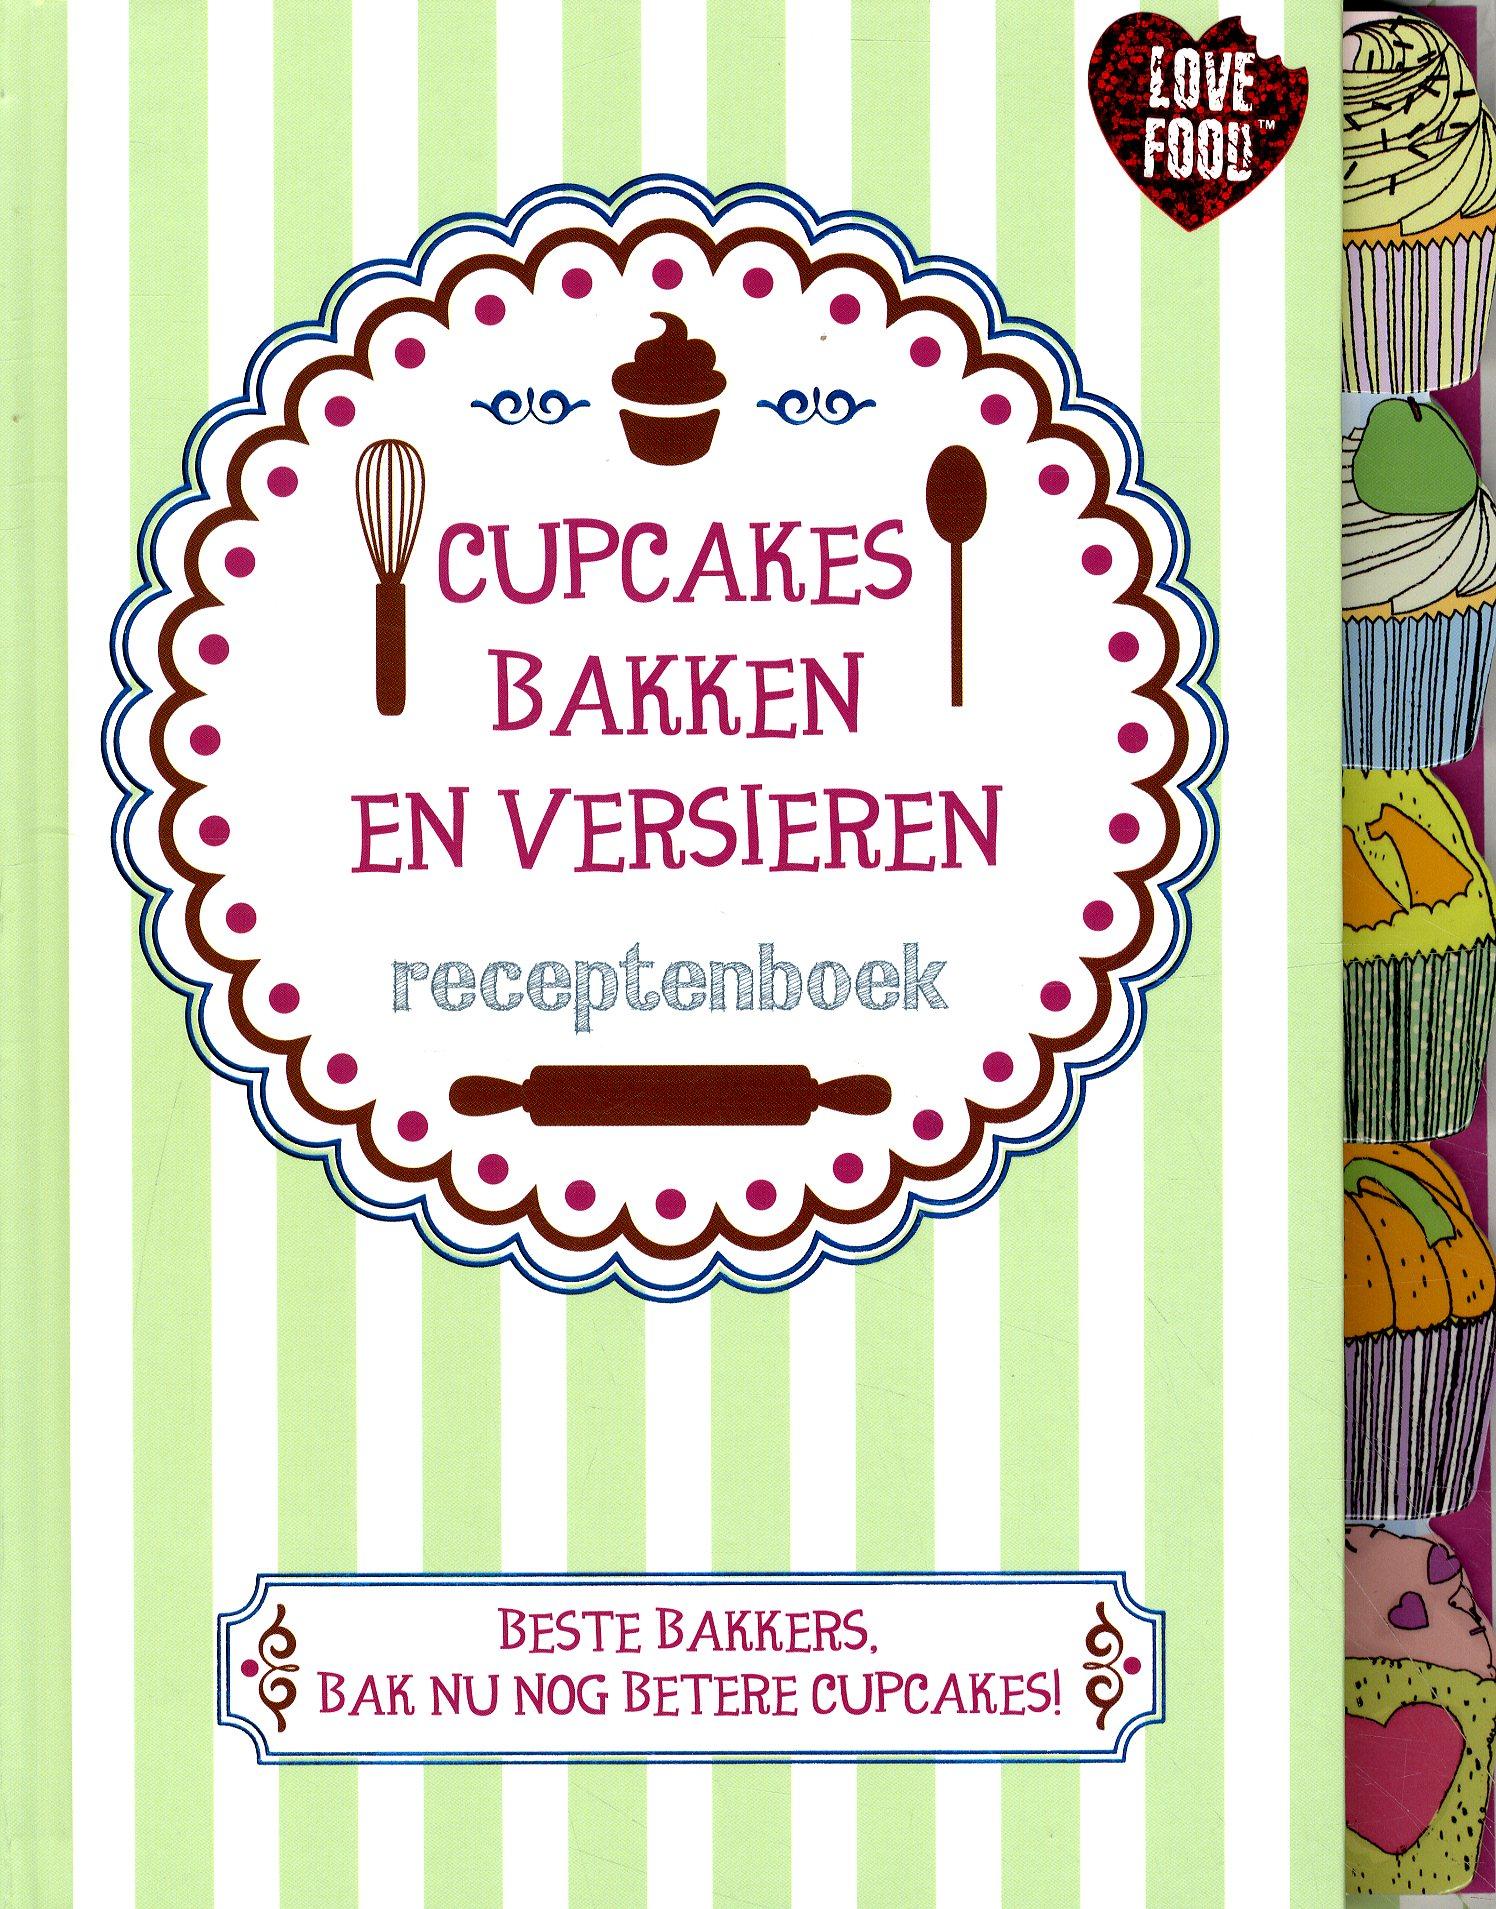 Cupcakes bakken en versieren